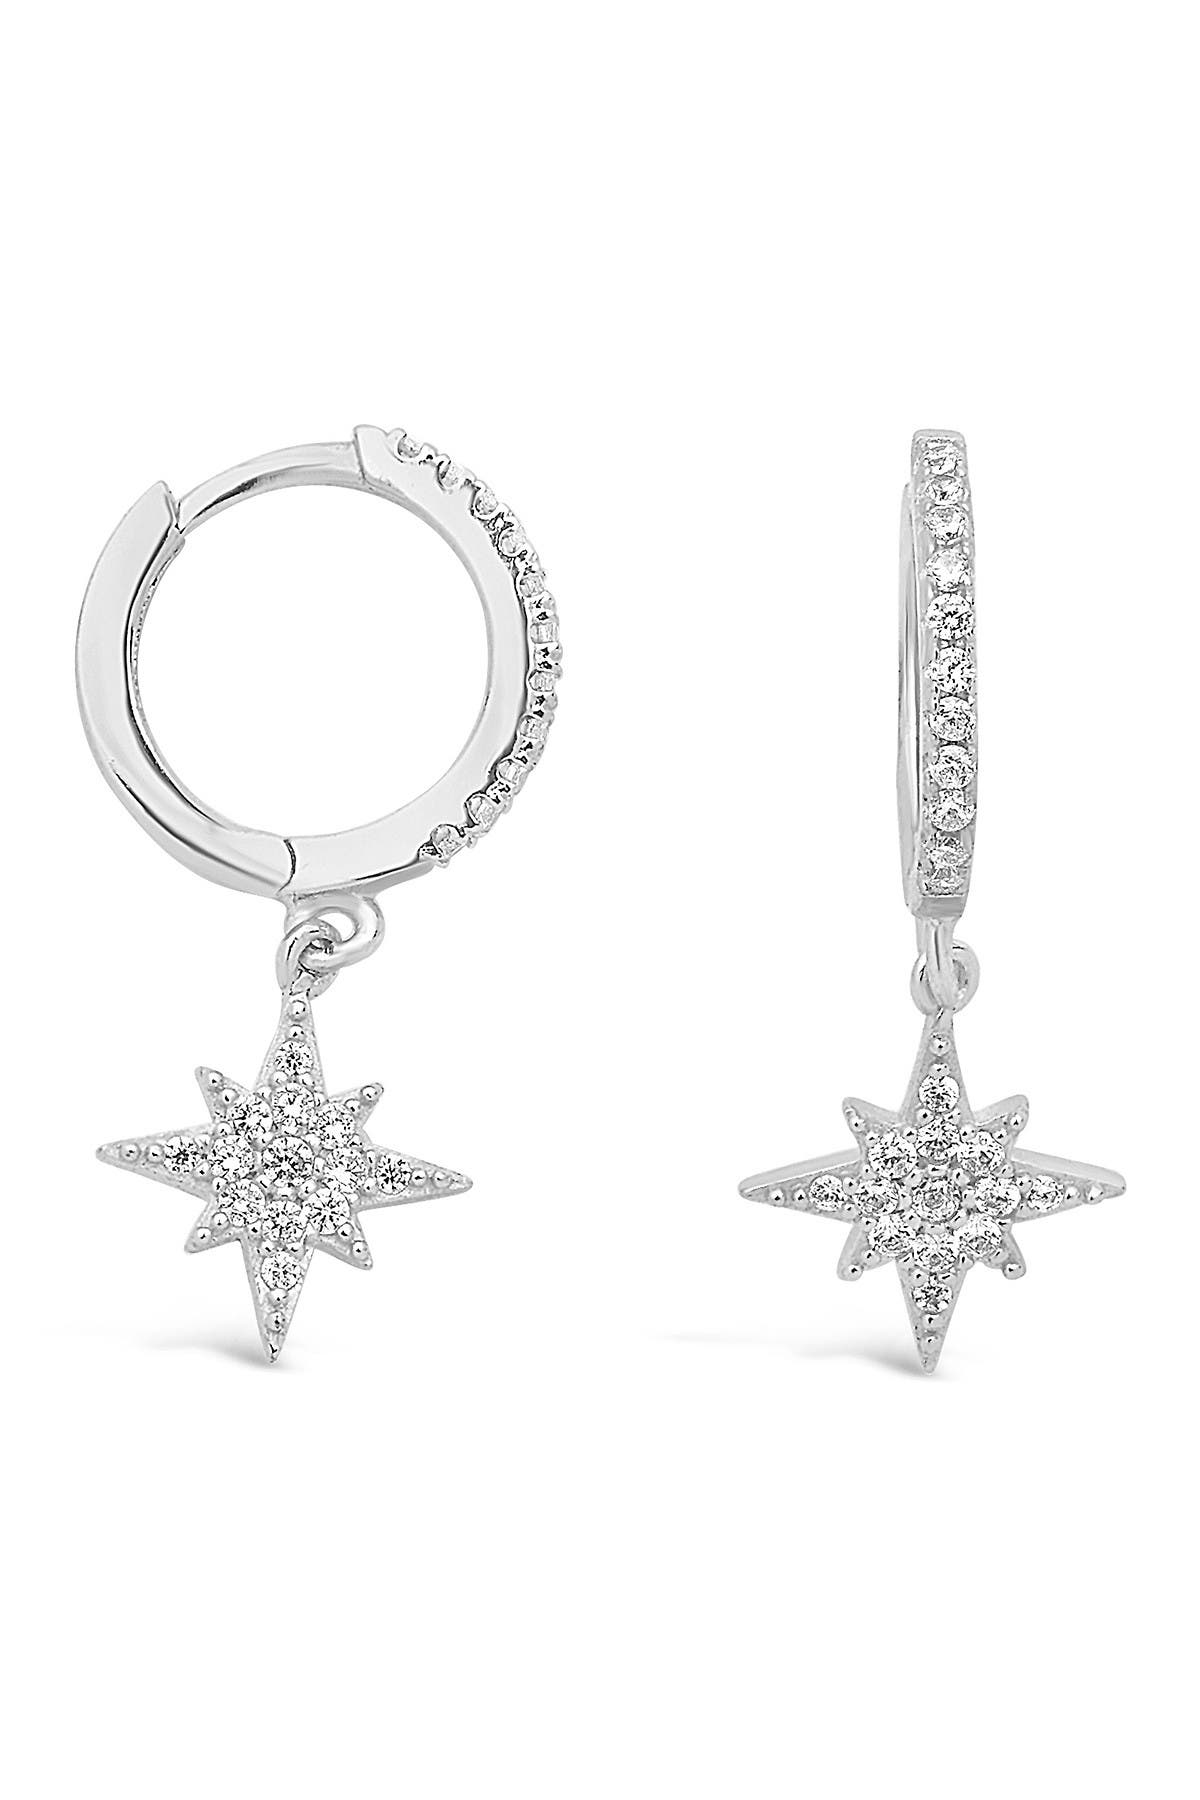 Image of Sterling Forever Sterling Silver Pave CZ Starburst Drop Huggie Hoop Earrings